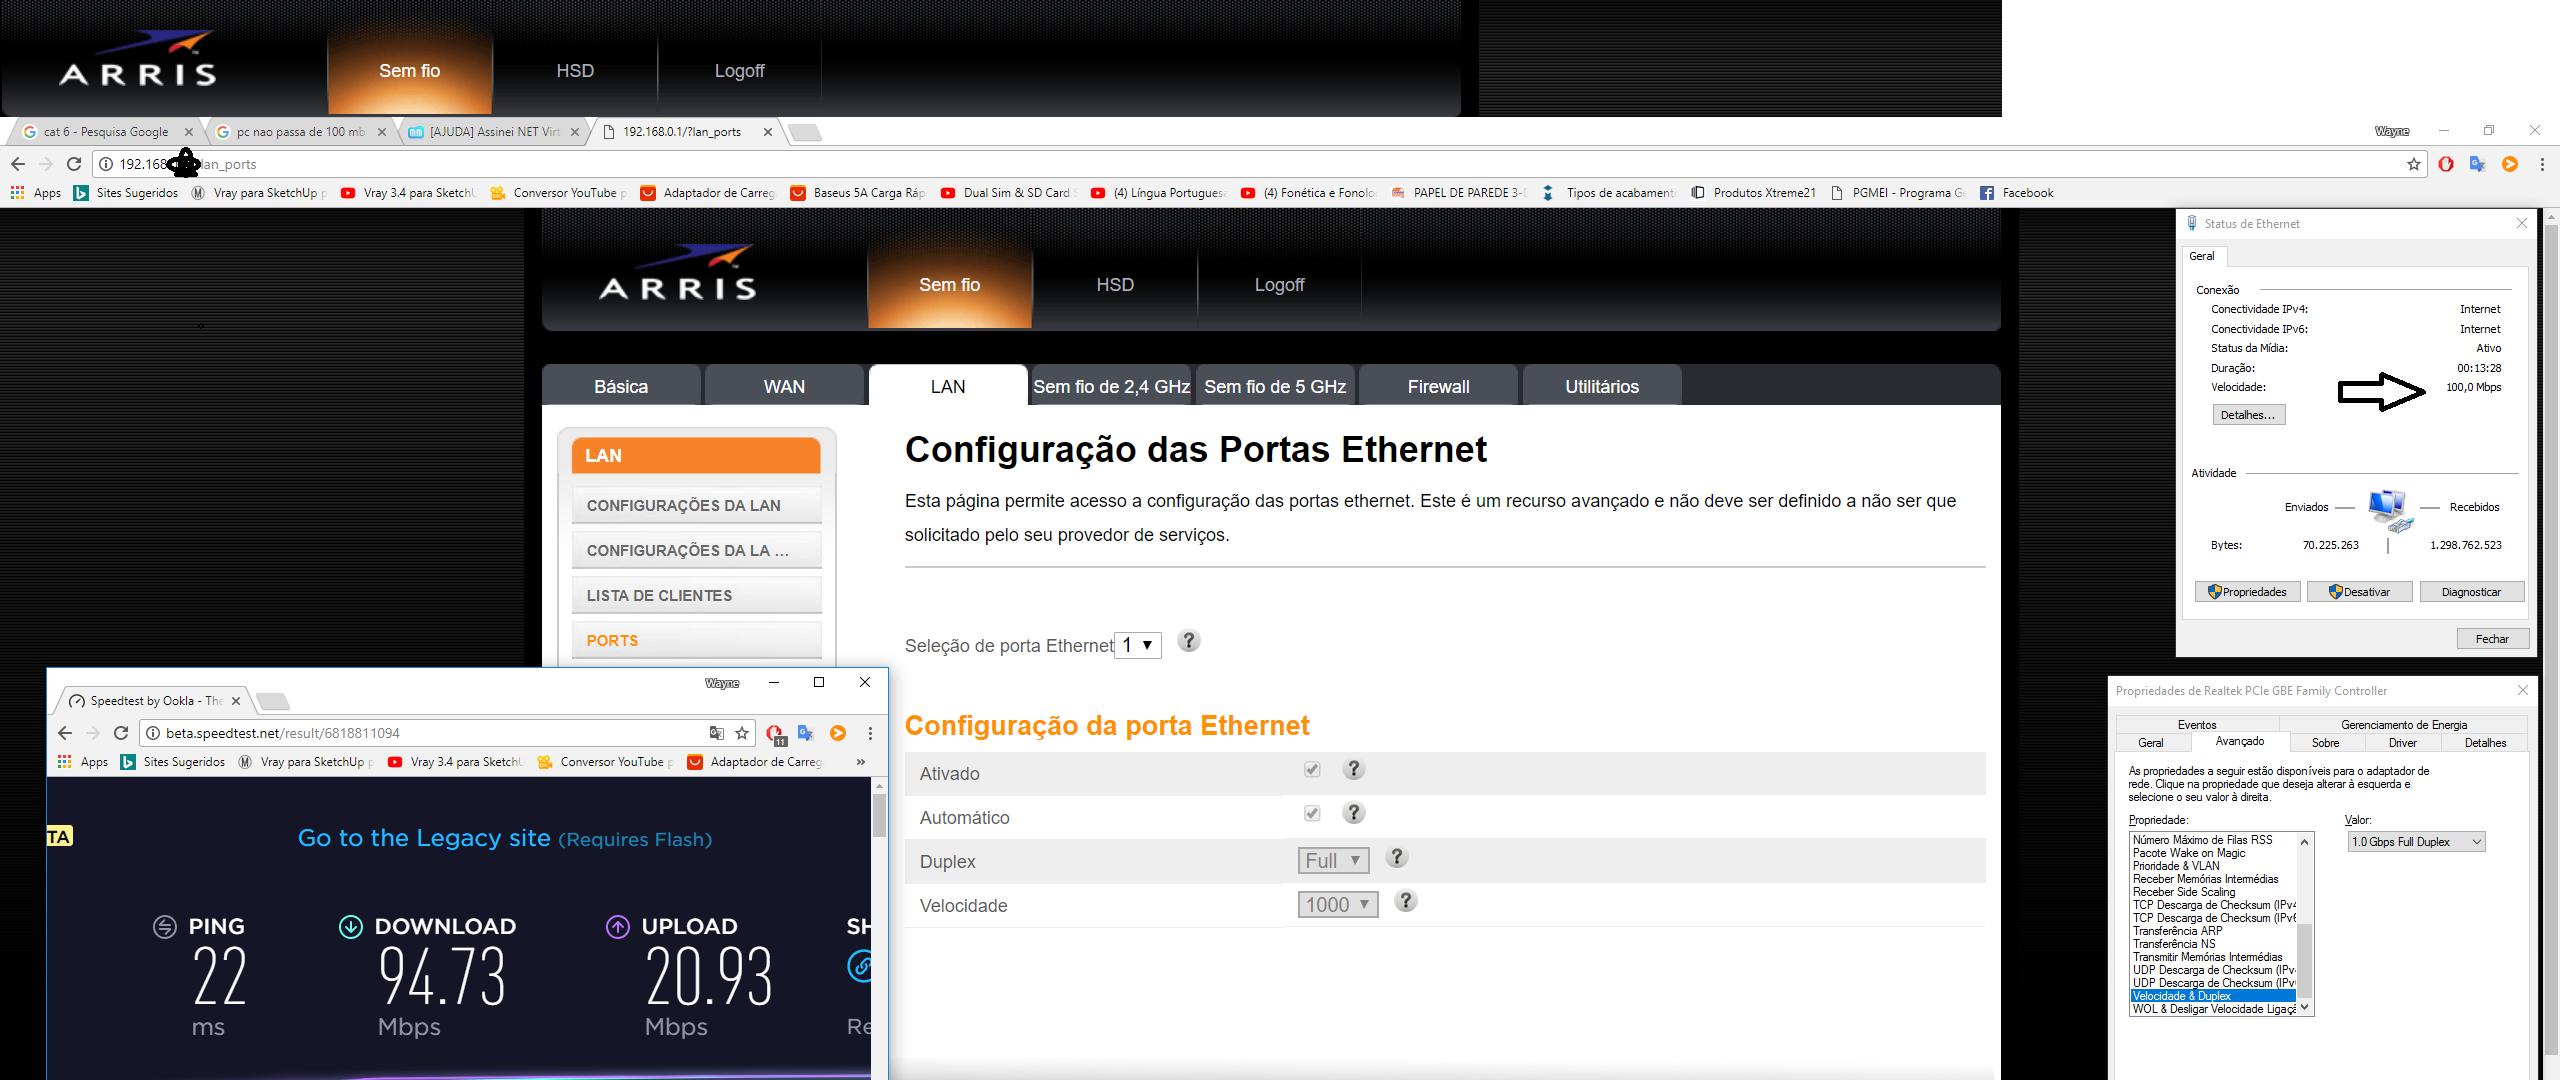 NET   NET Vírtua 20 Mega , não consigo baixar a mais de 20 mbs ...